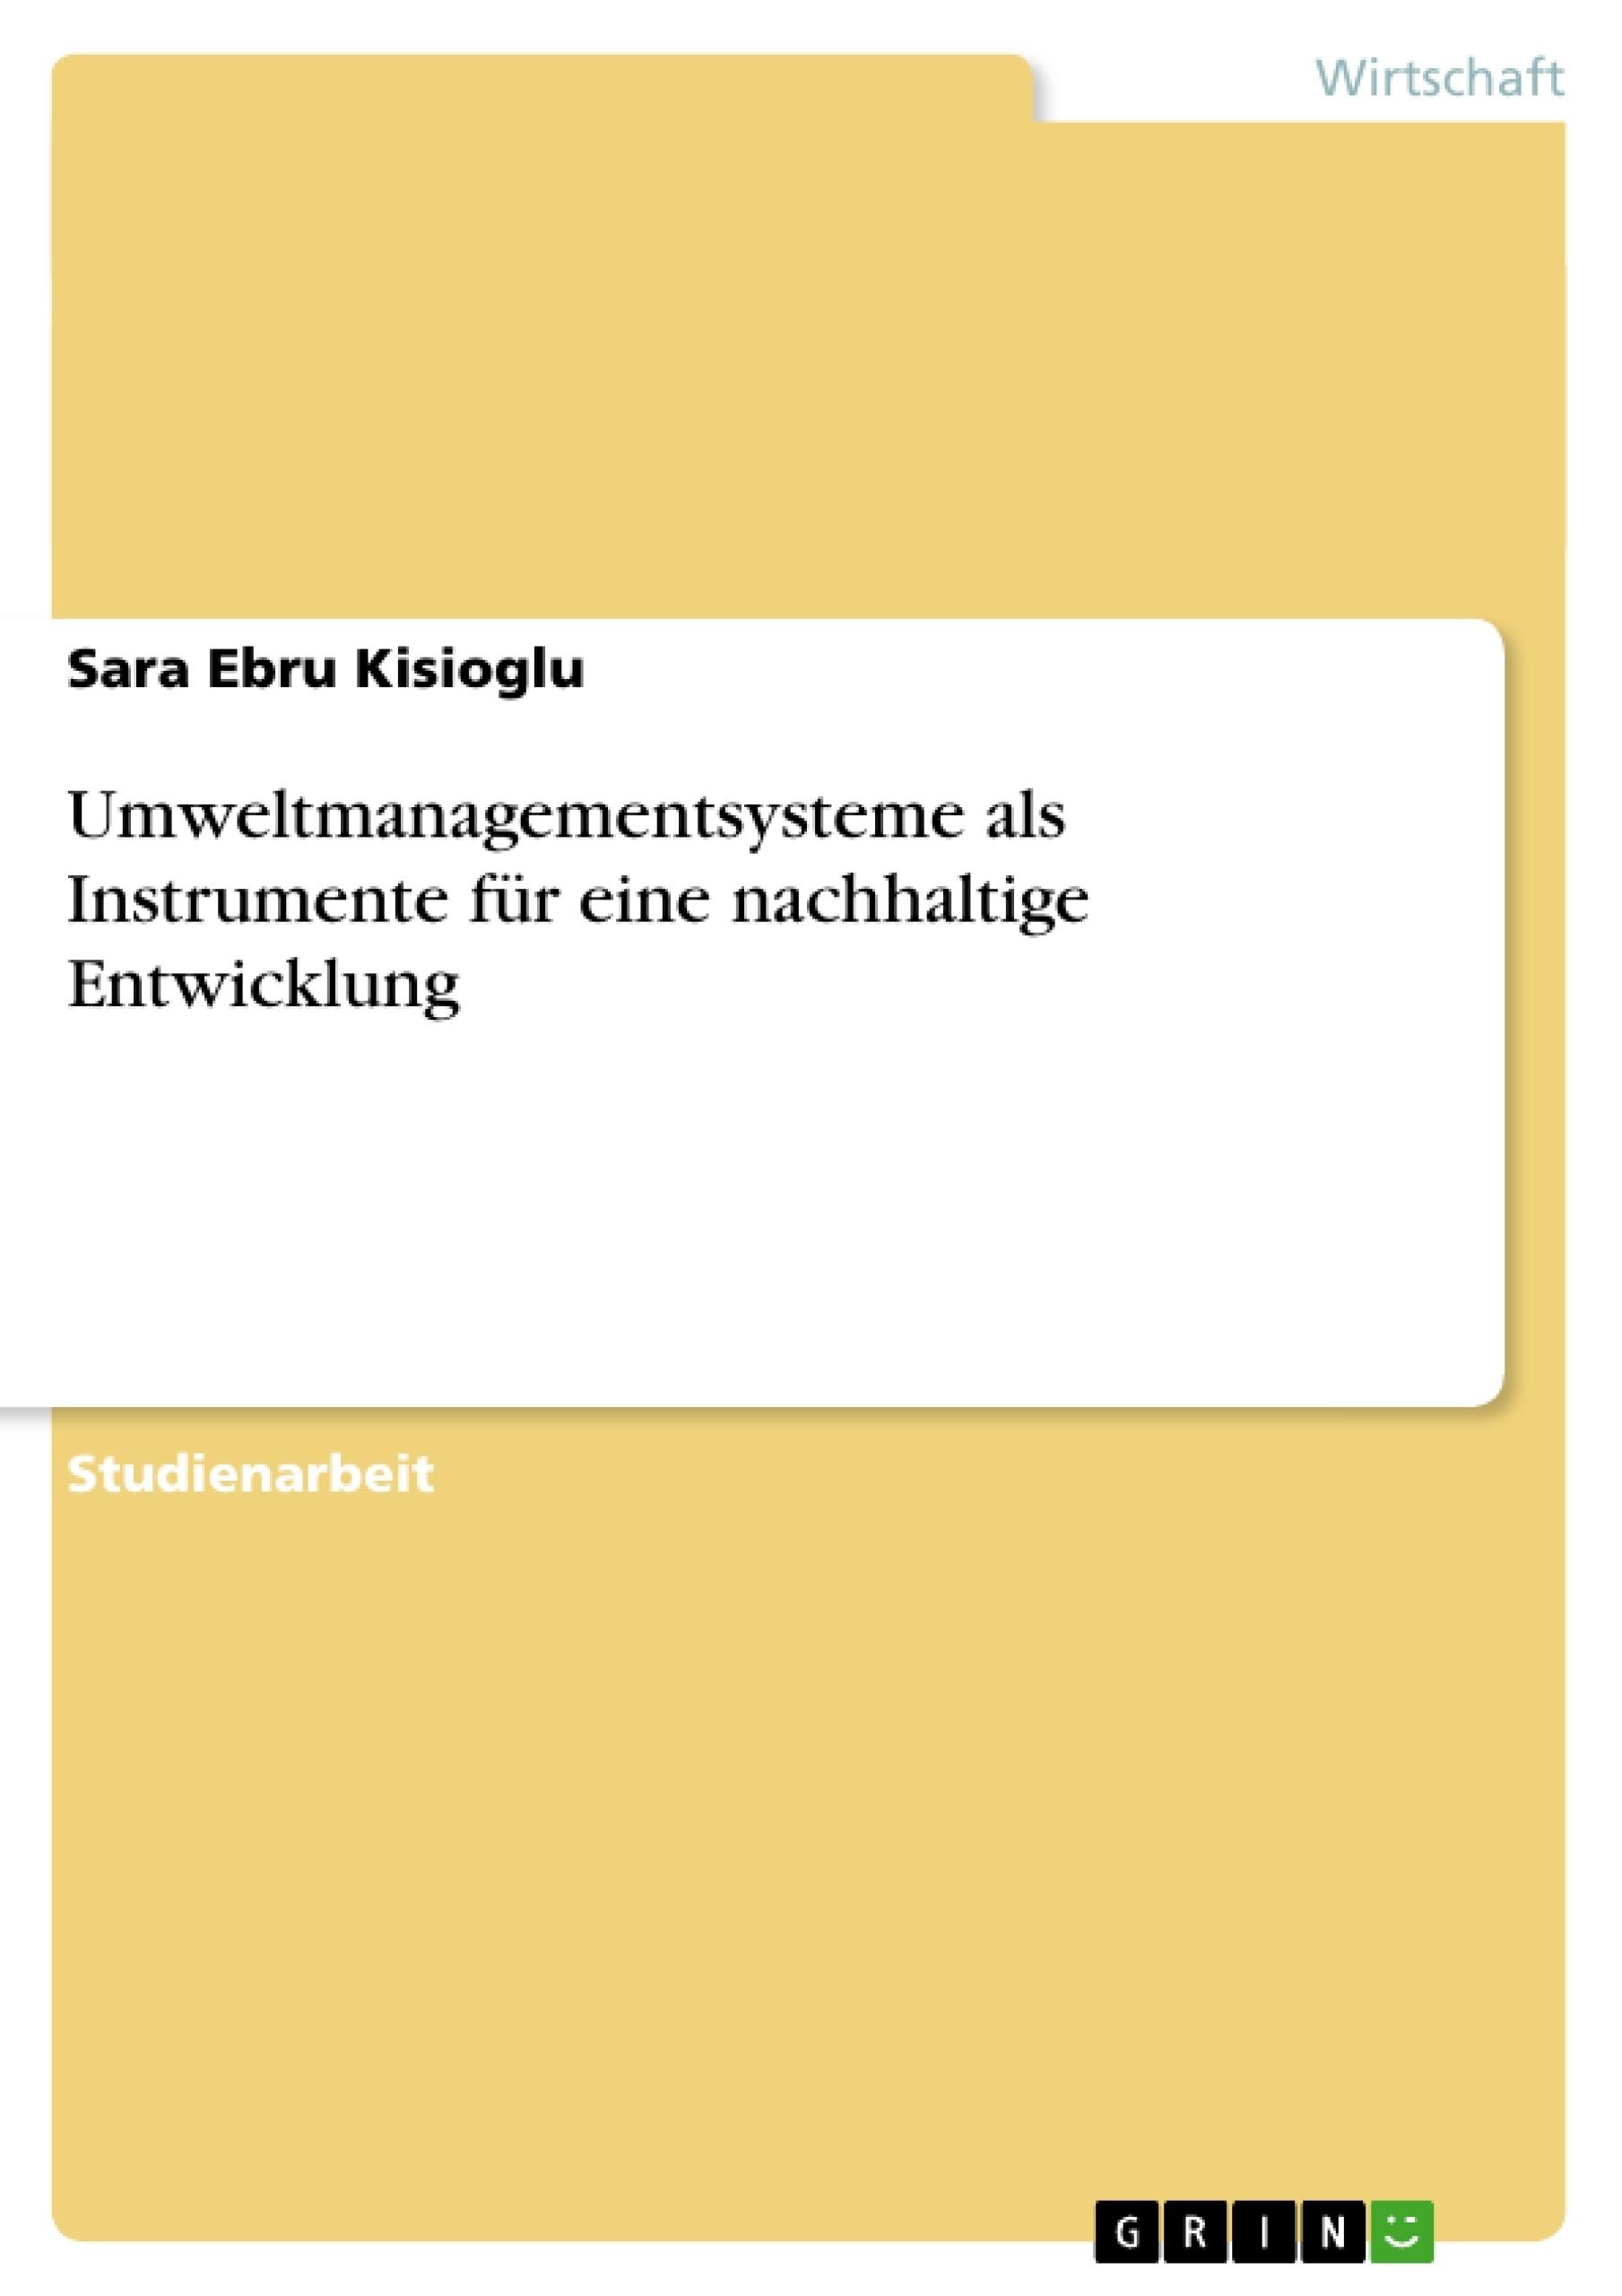 Titel: Umweltmanagementsysteme als Instrumente für eine nachhaltige Entwicklung